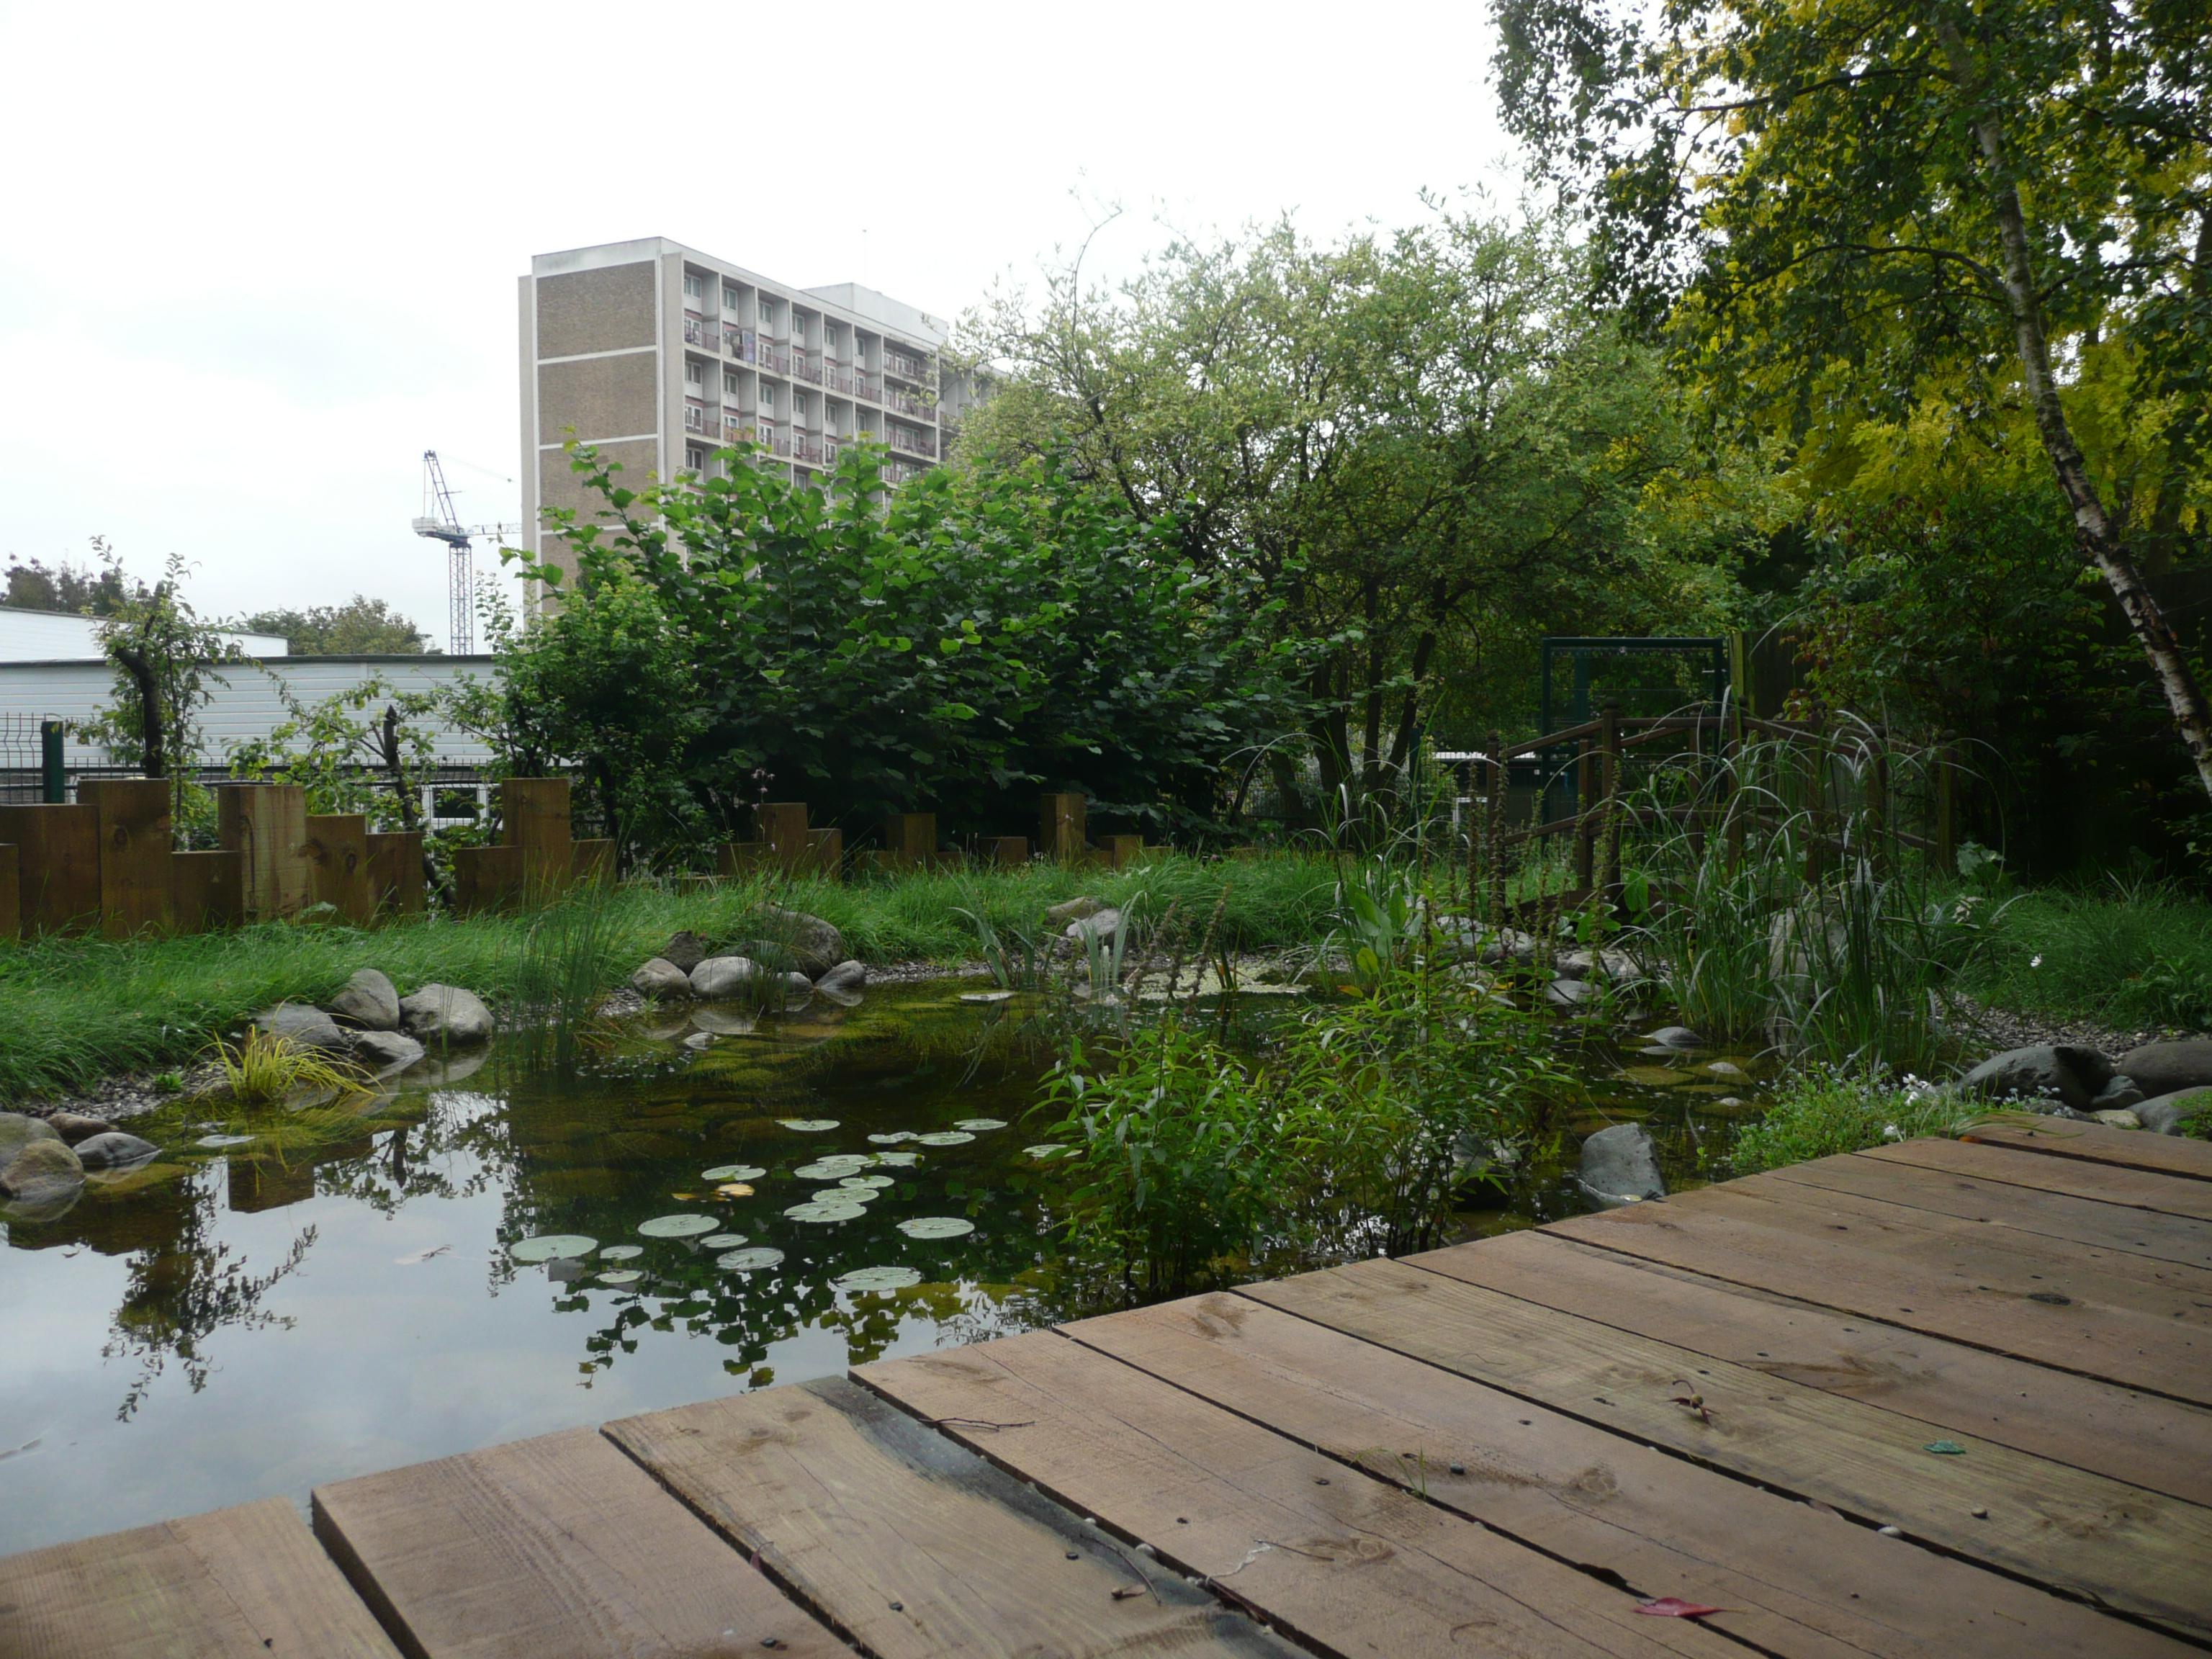 Wildlife Garden and Pond